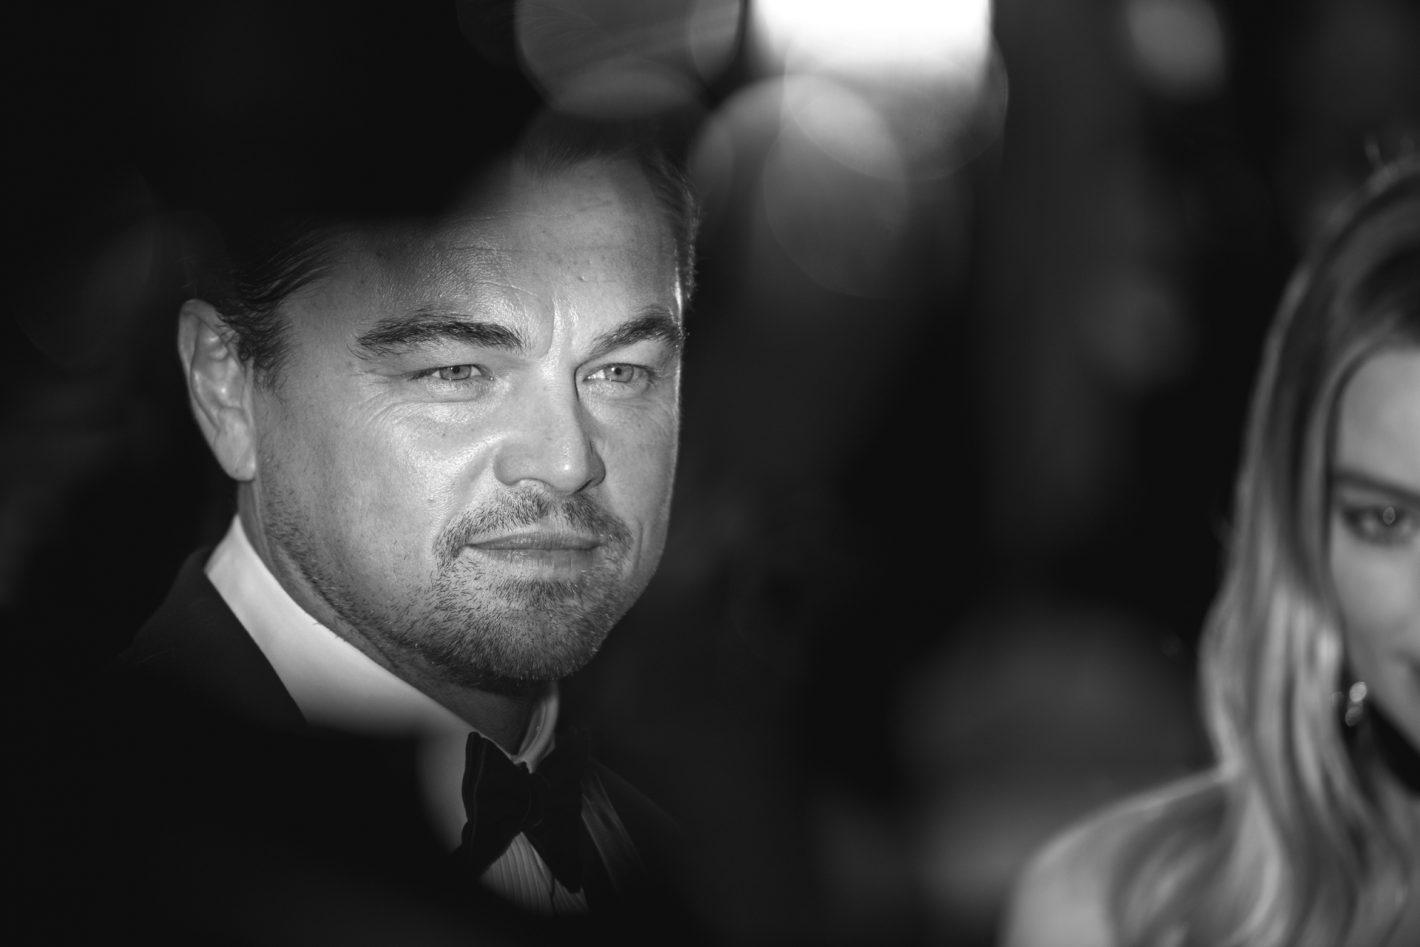 Festival de Cannes : le tapis rouge en noir & blanc par Pauline Maillet